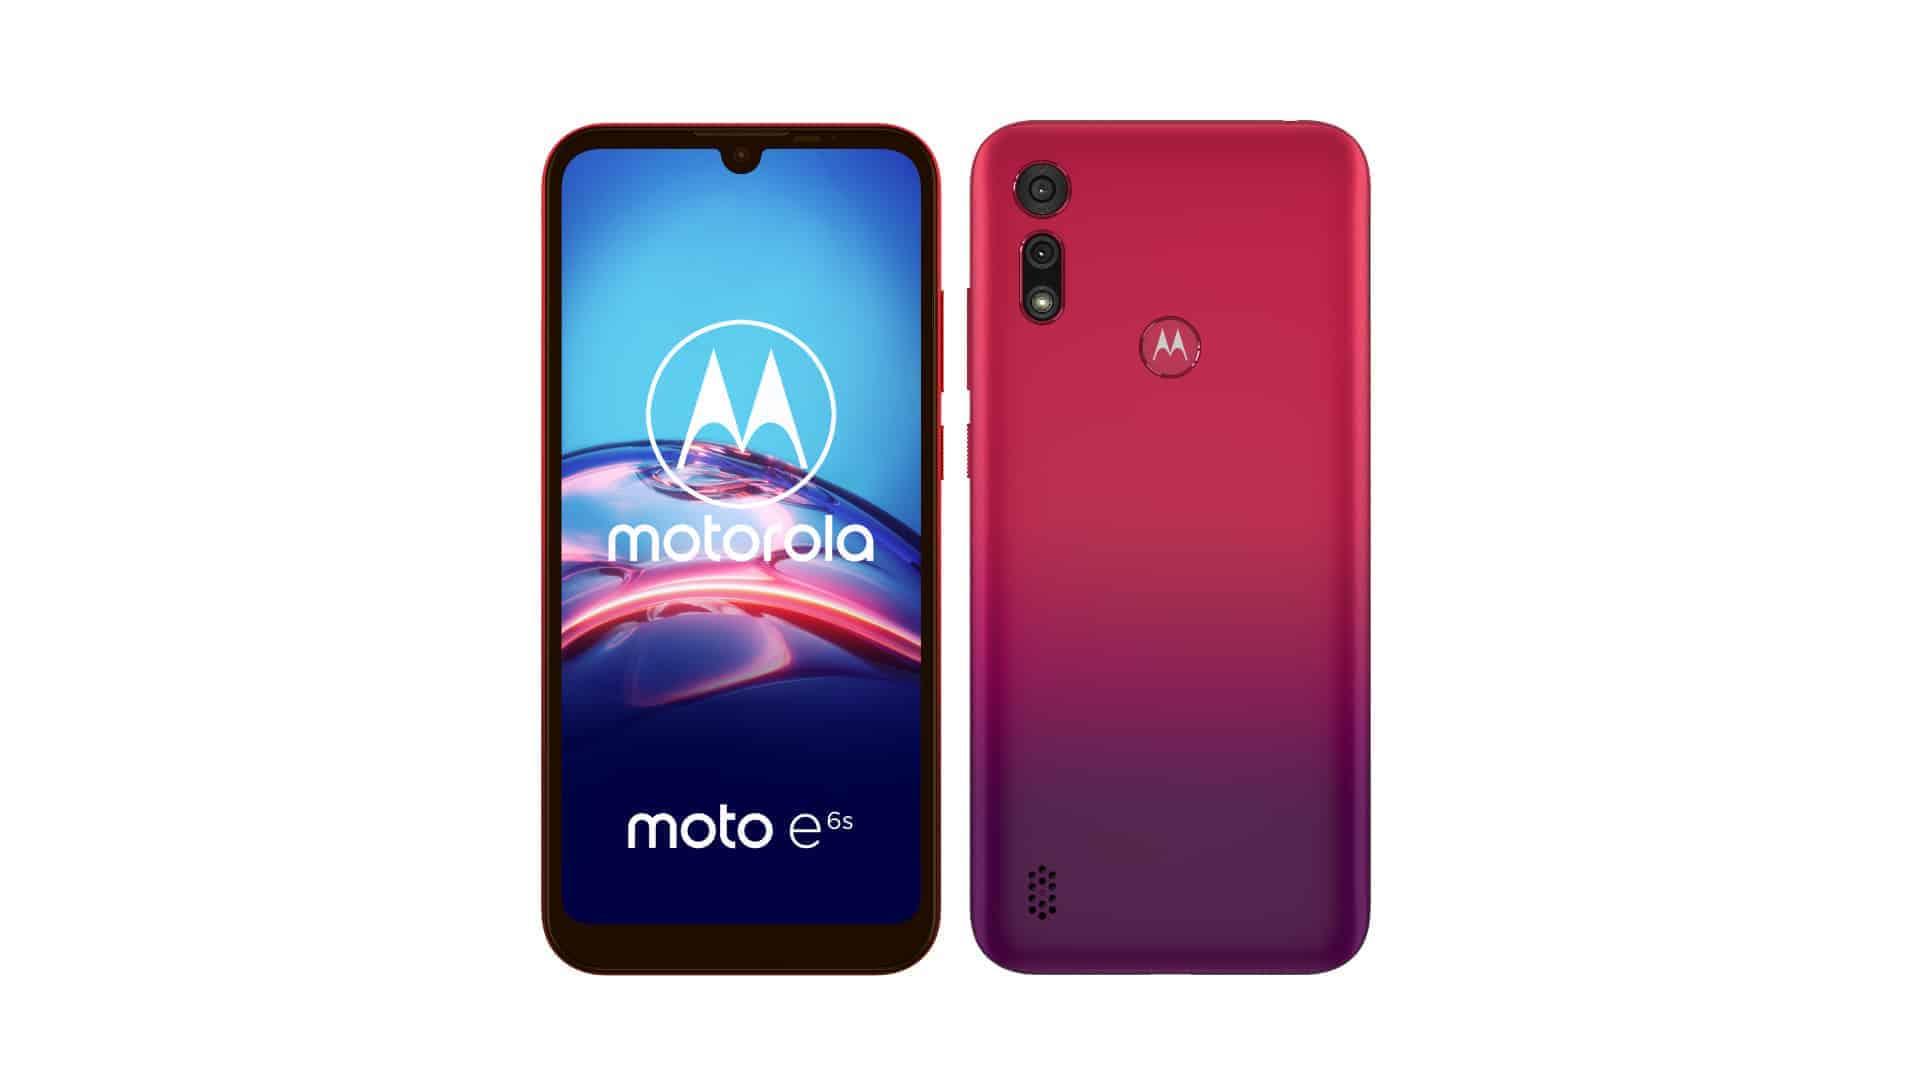 Motorola Moto e6s 10